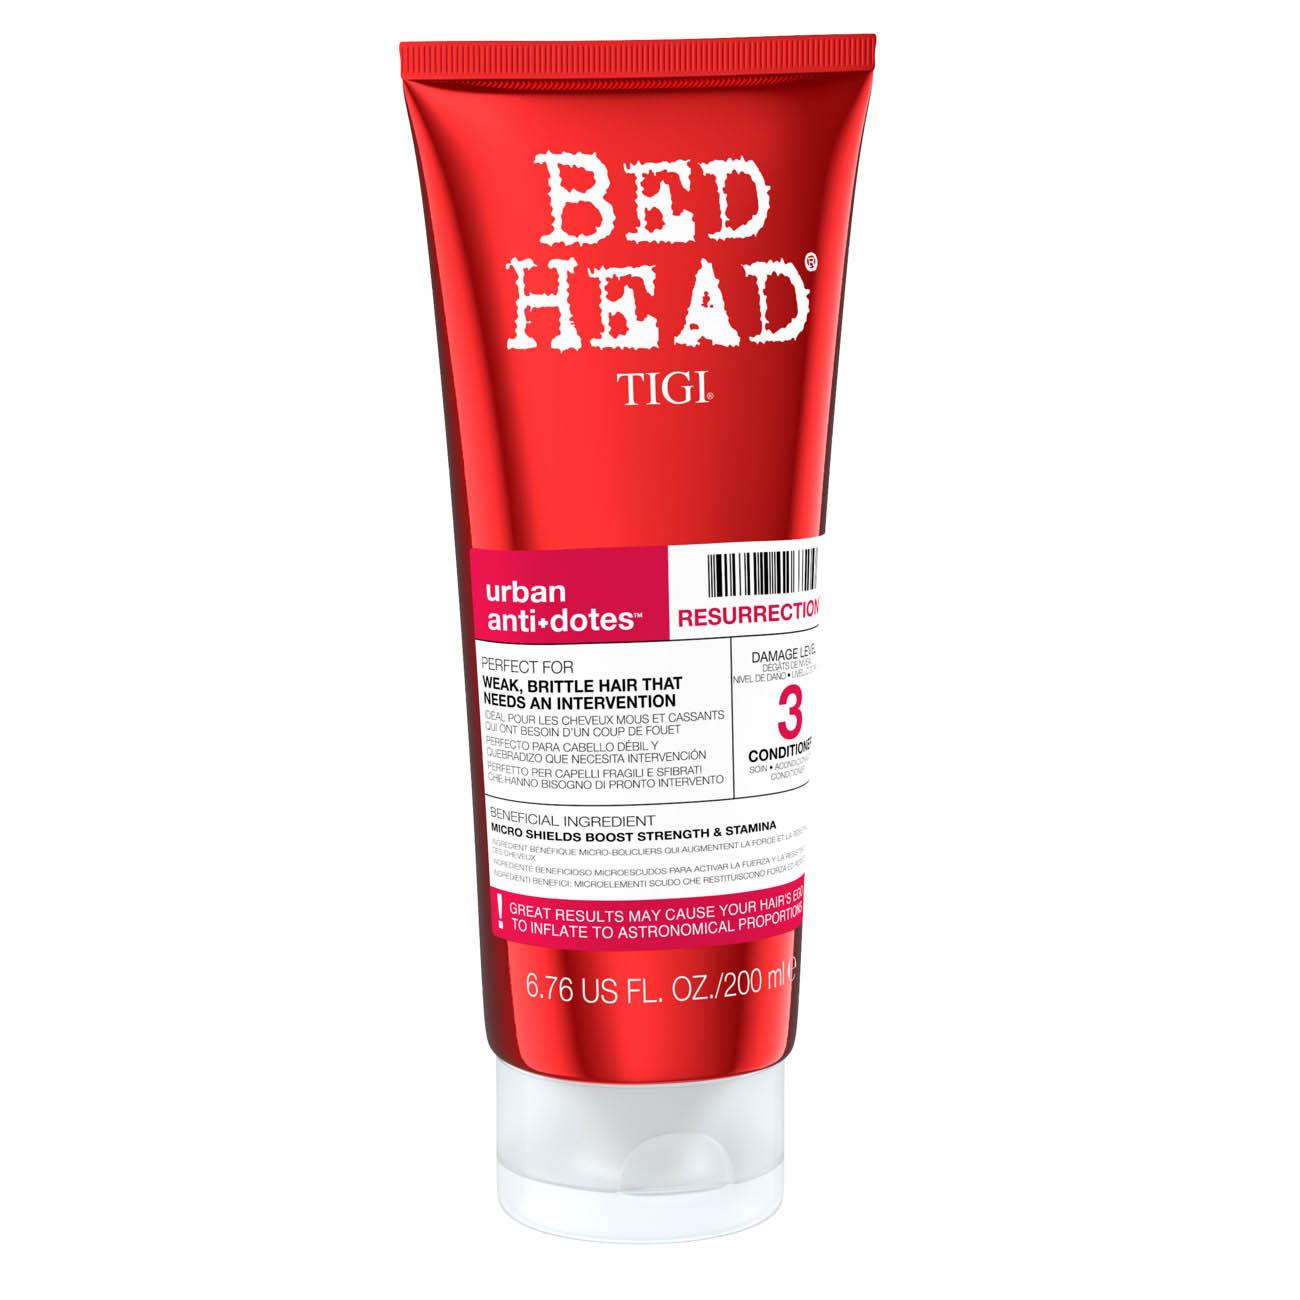 Condicionadores Bed Head Ressurection 200ml